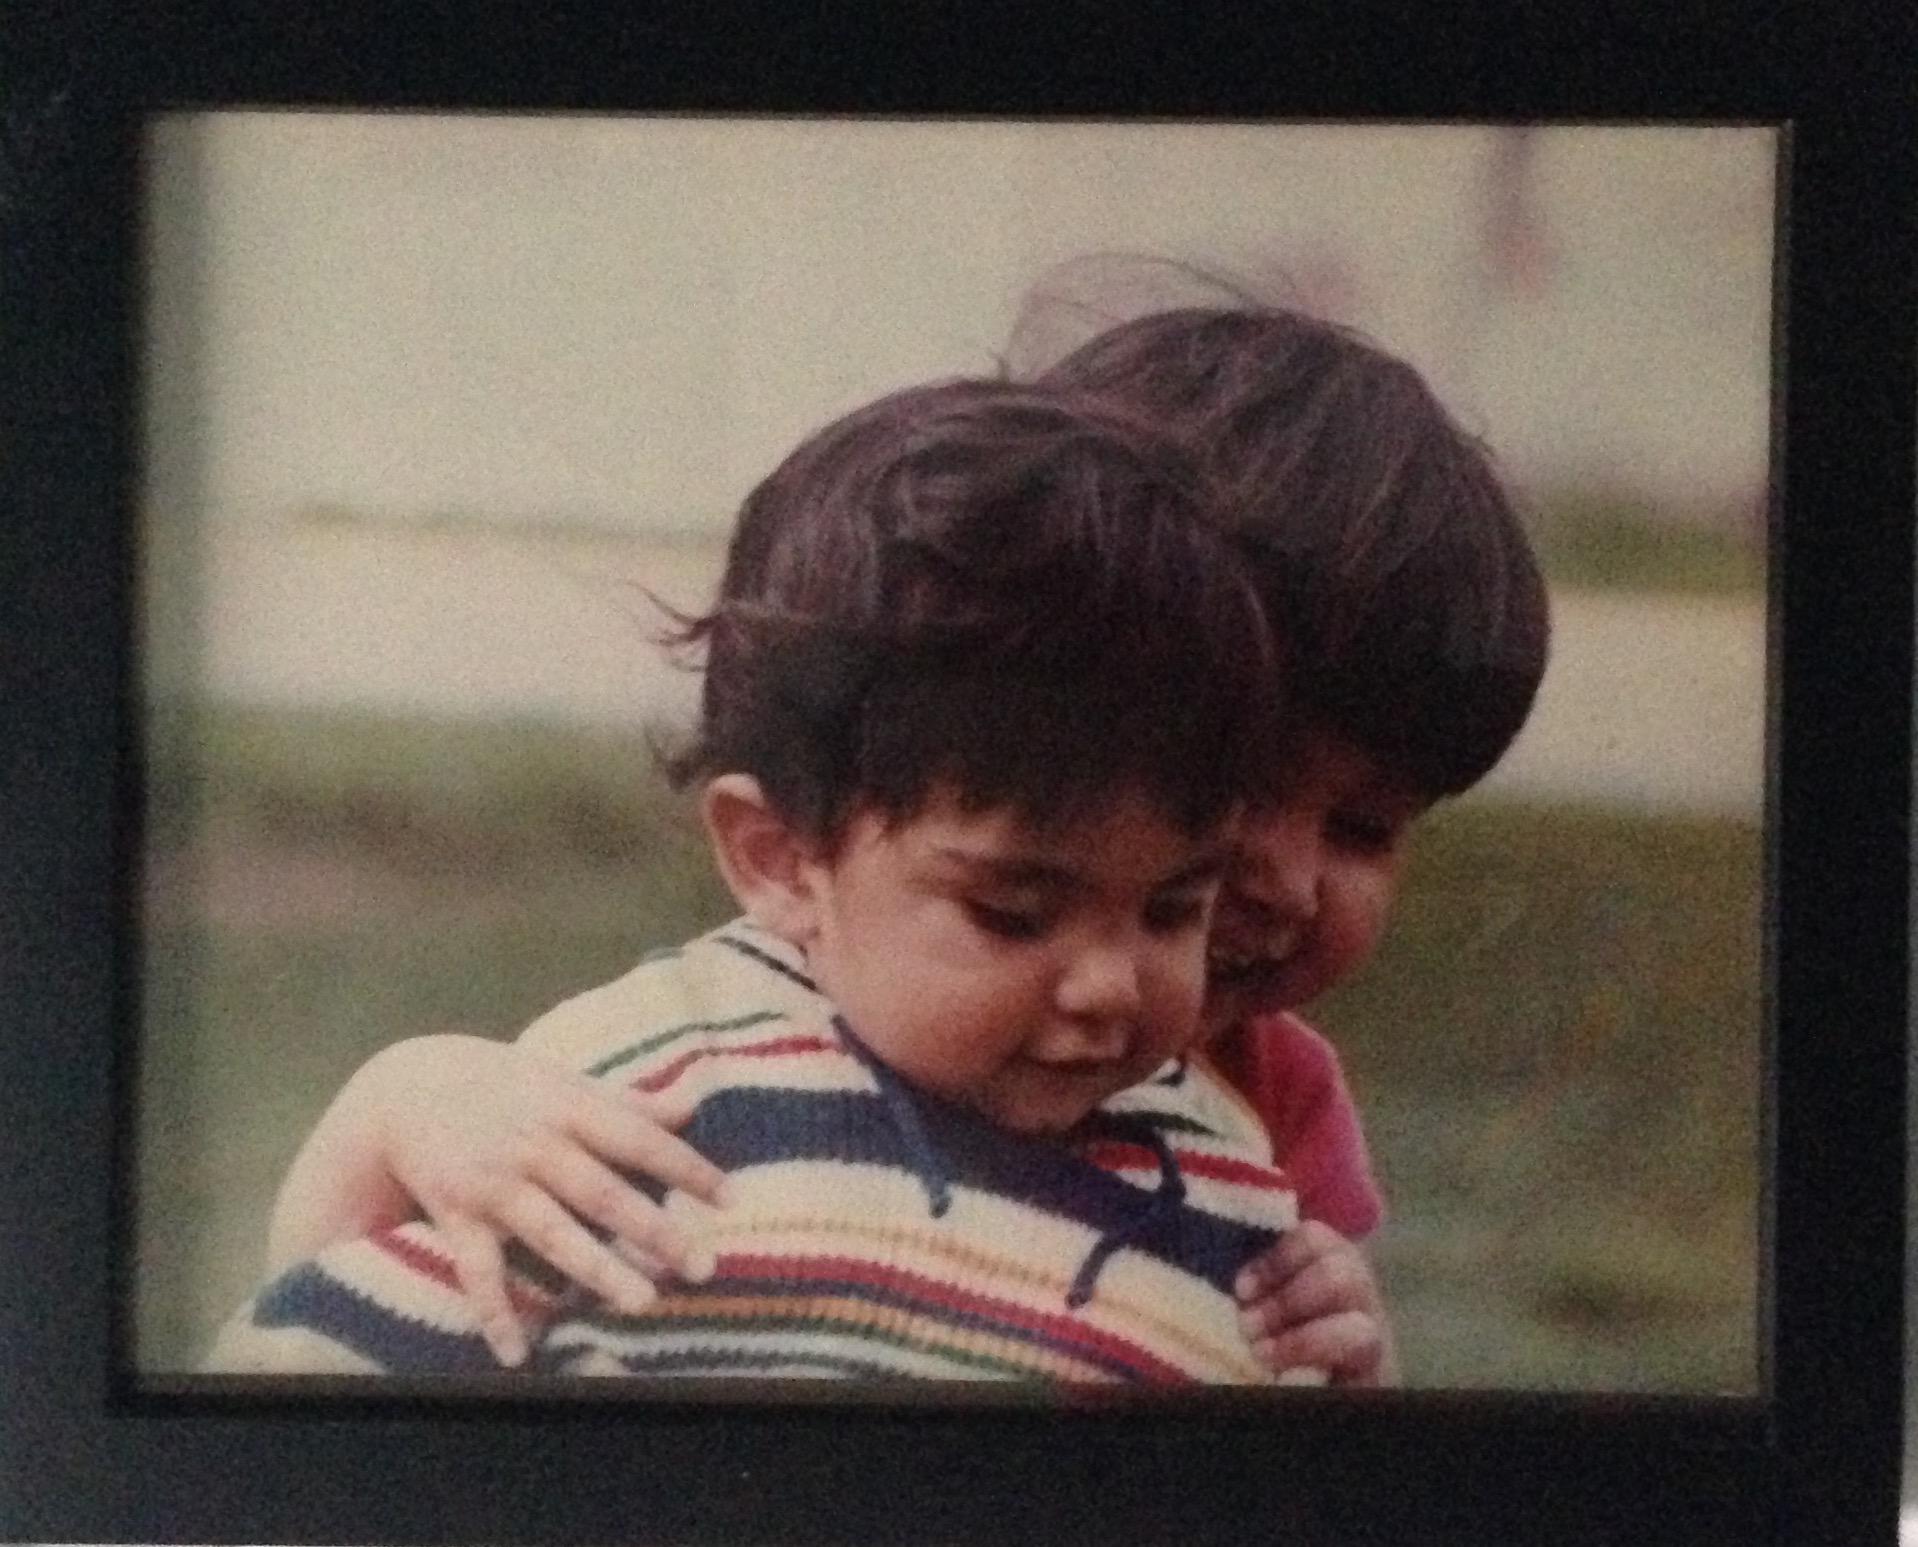 Antonio & Lorena circa 1982. Crédit photo: Lorena Girón Orozco